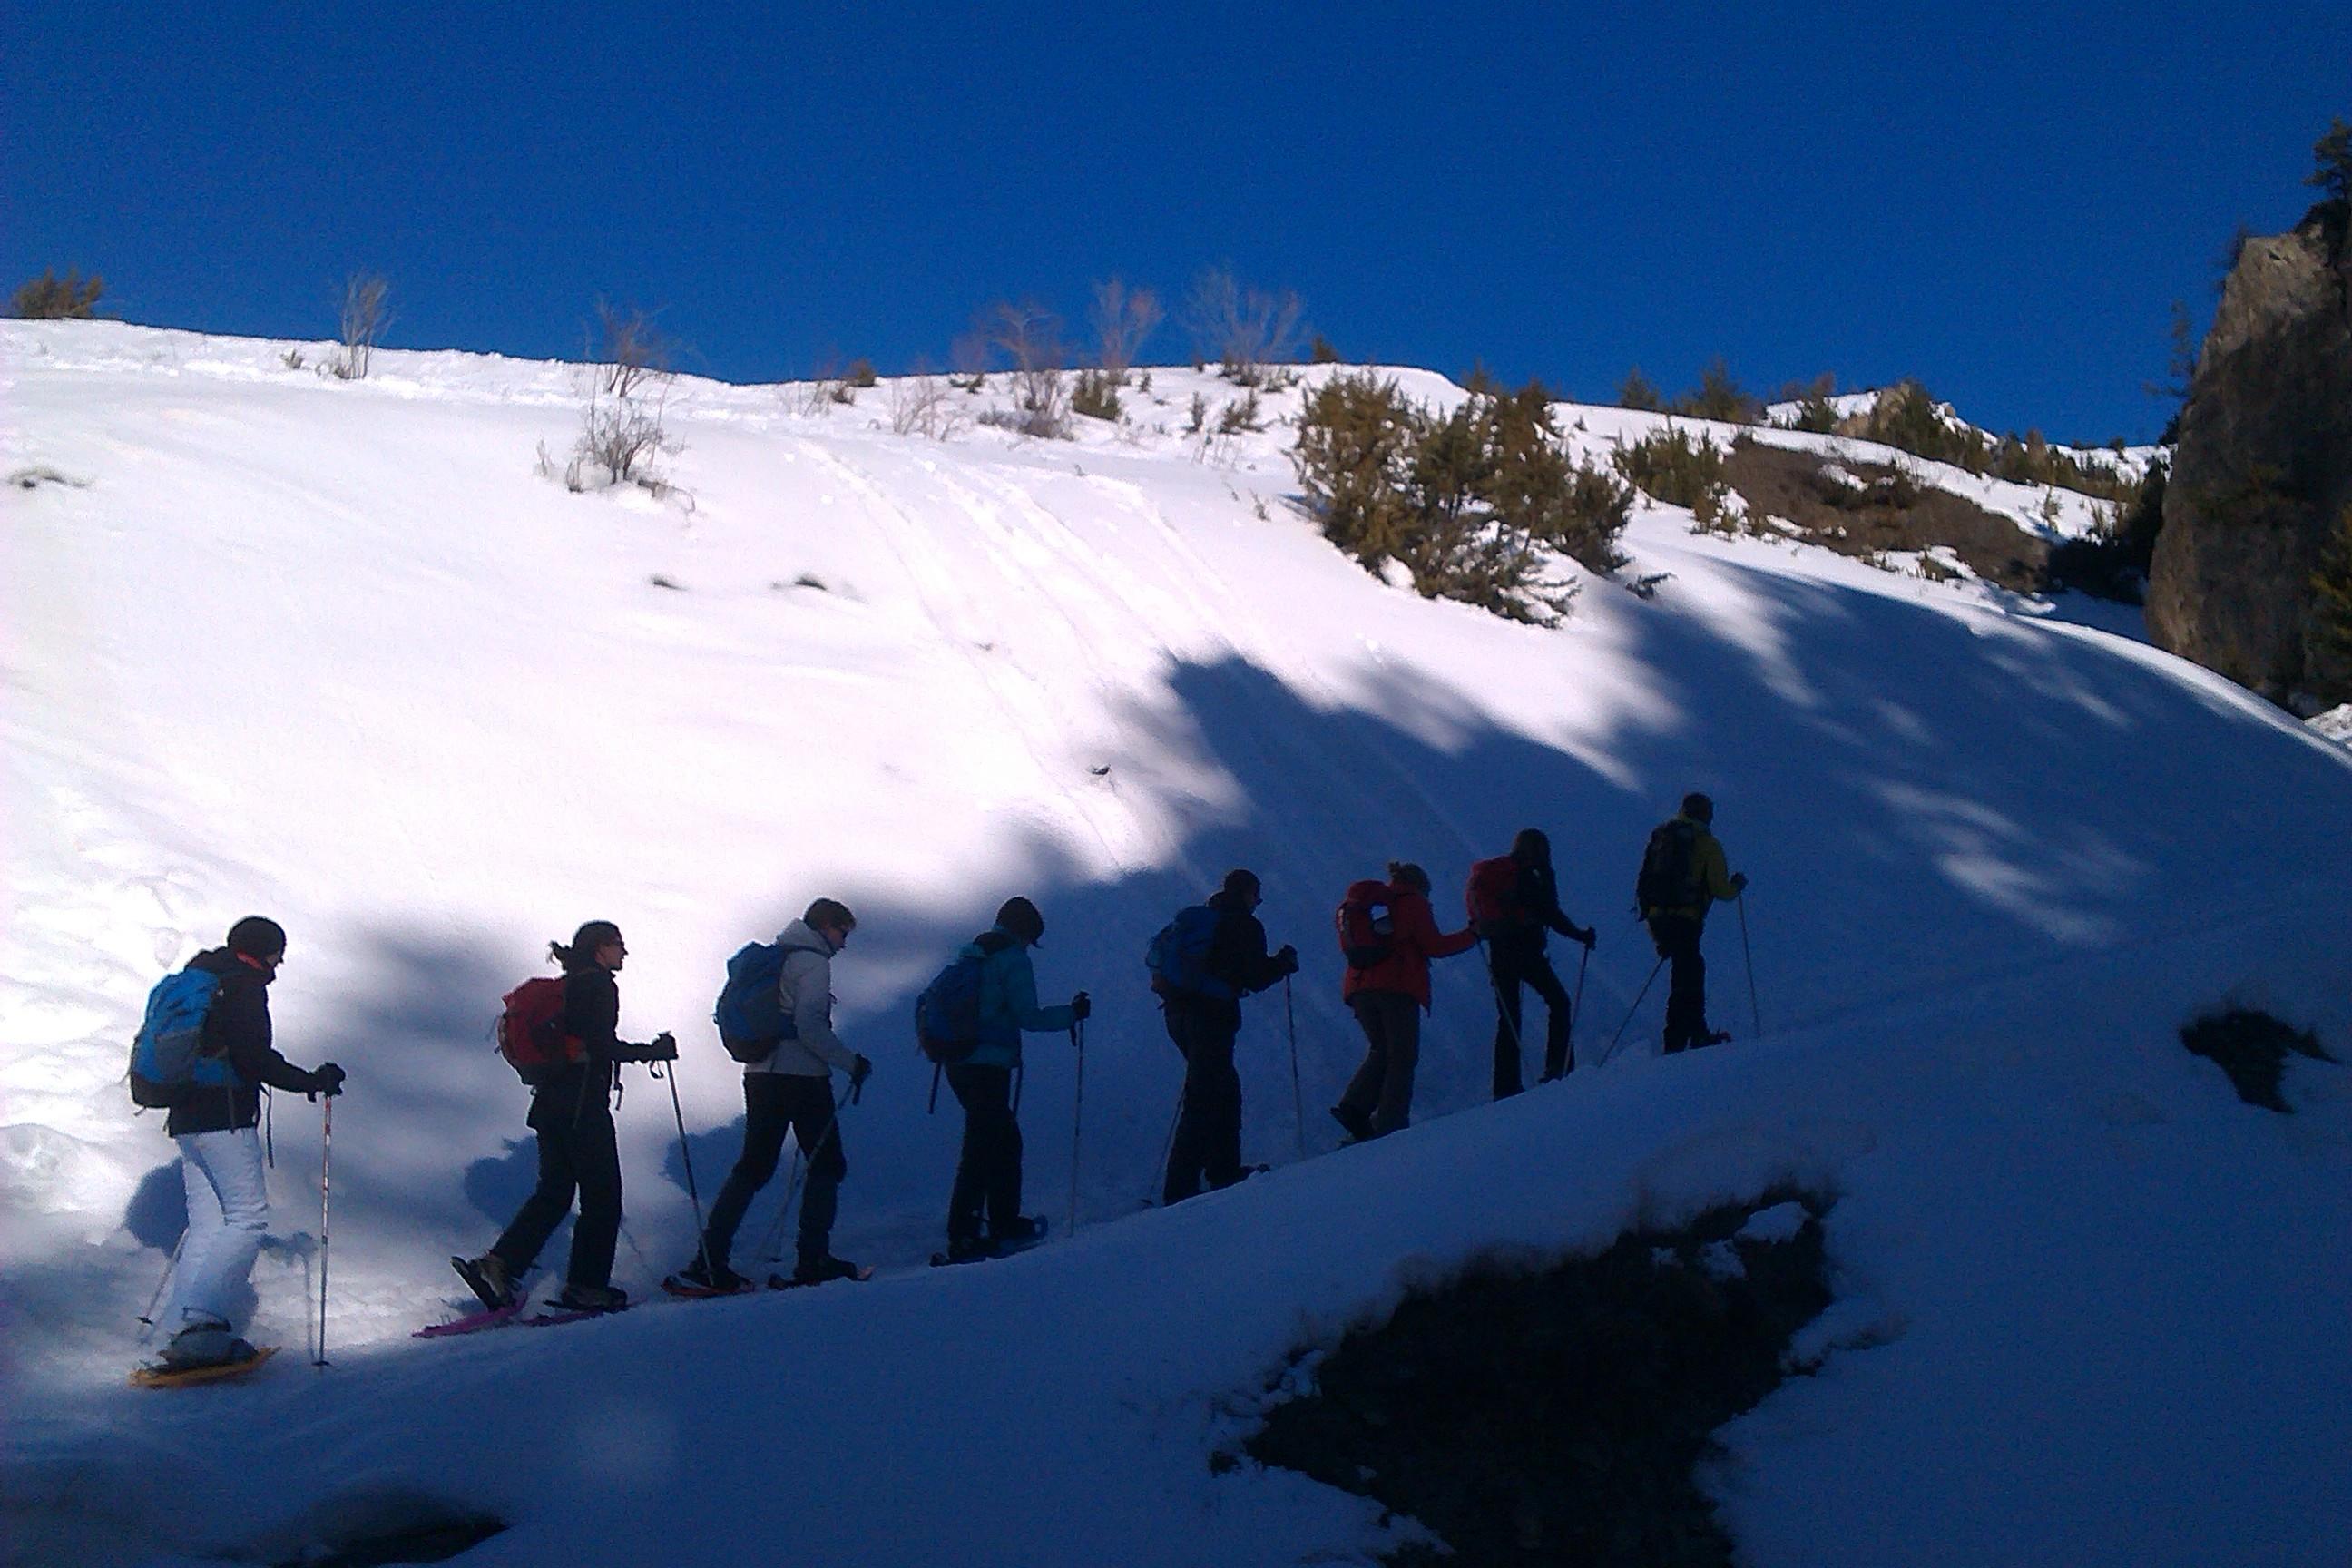 Randonnée hivernale 3 - Chemins et découverte